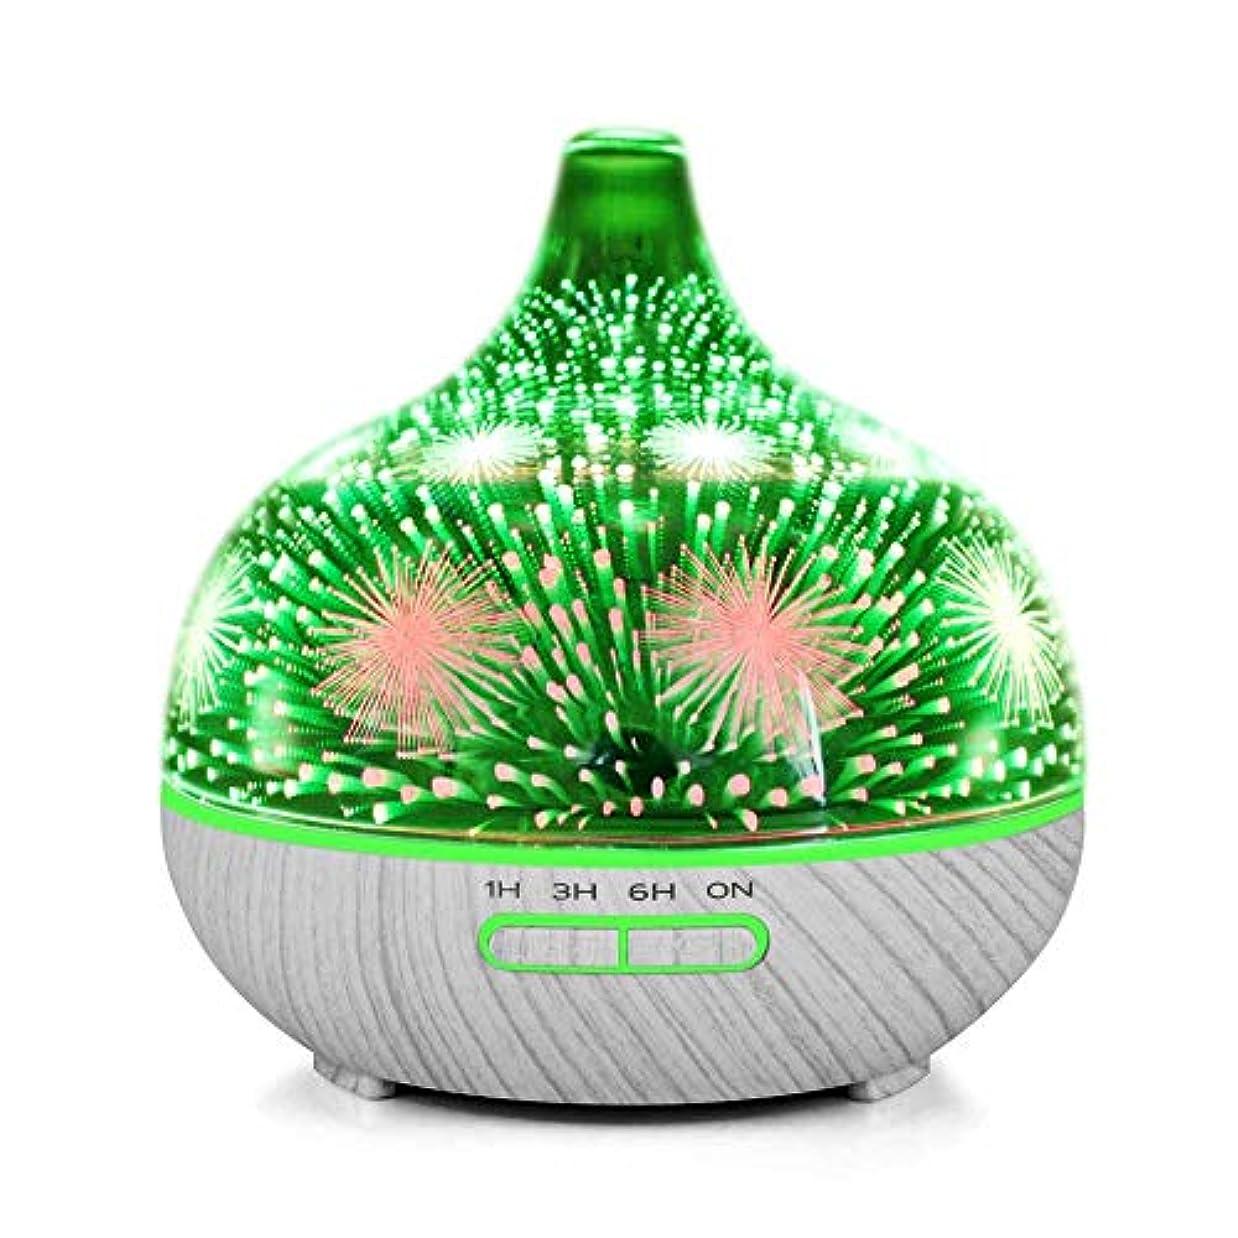 破滅船乗りスピーカーMakifly 3D Night Light Ultrasonic Cool Mist Humidifier, Aroma Diffuser Essential Oil Humidifiers, Aromatherapy, Quiet Operation 141[並行輸入]